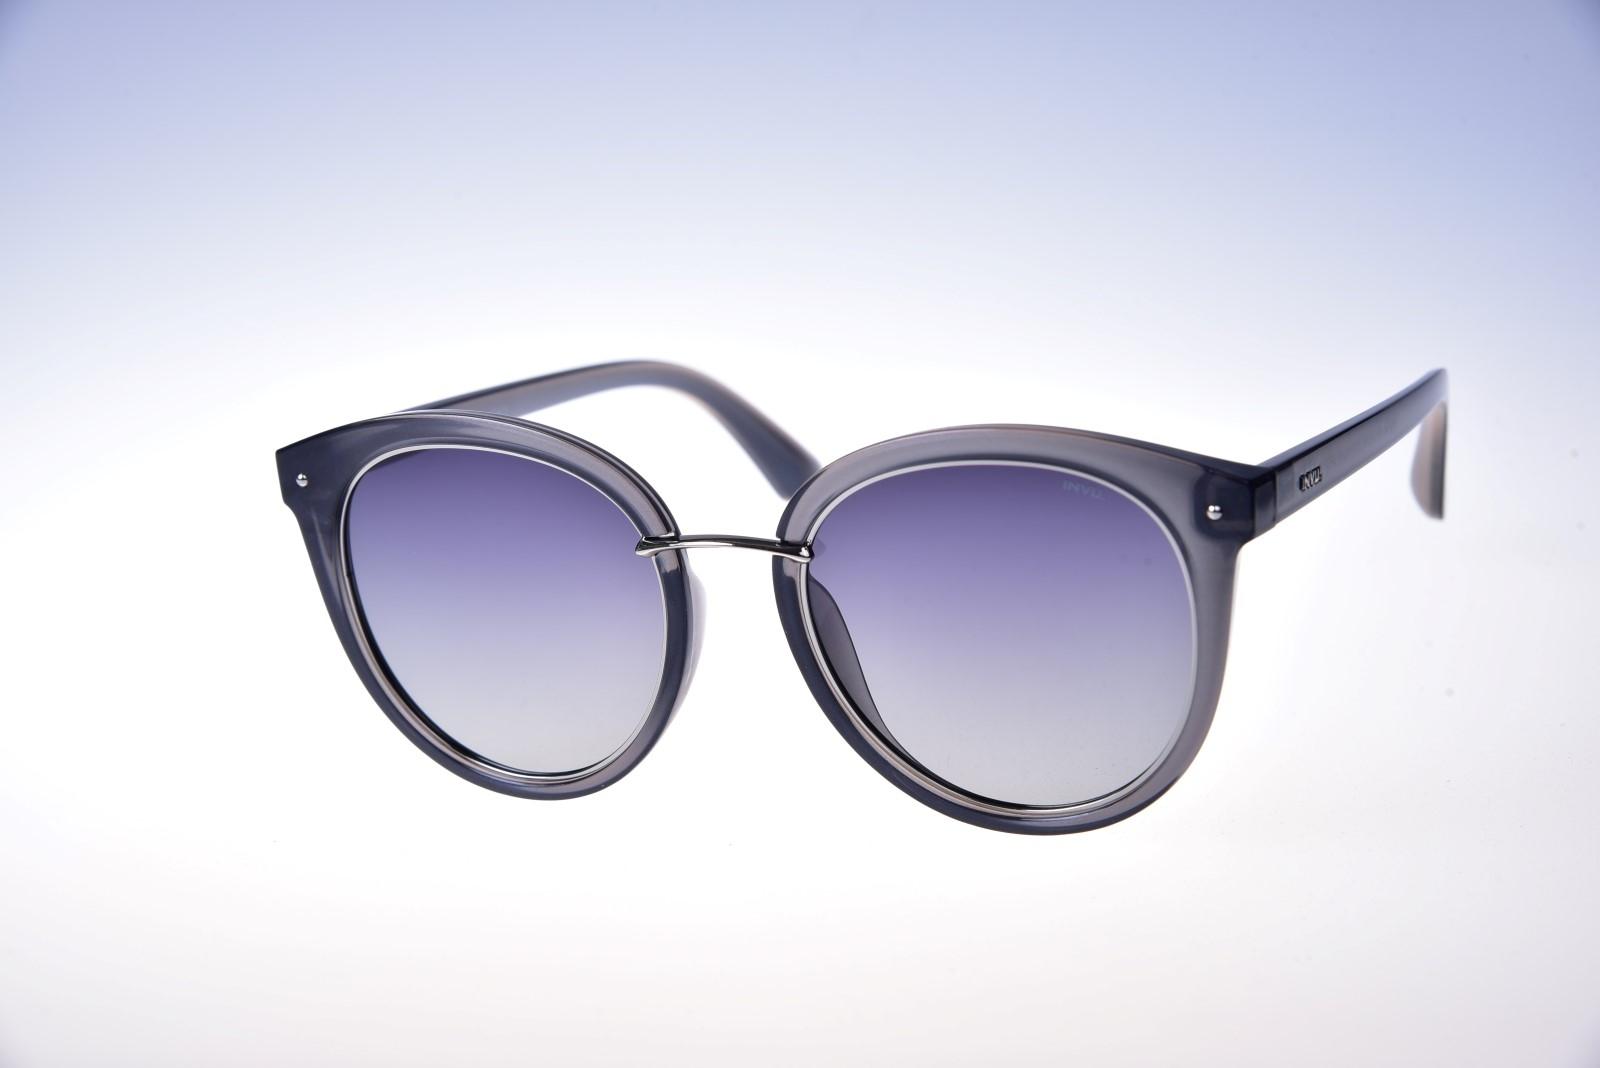 450a4de53 INVU. Trend T1914B - Dámske, pánske a detské slnečné okuliare ...